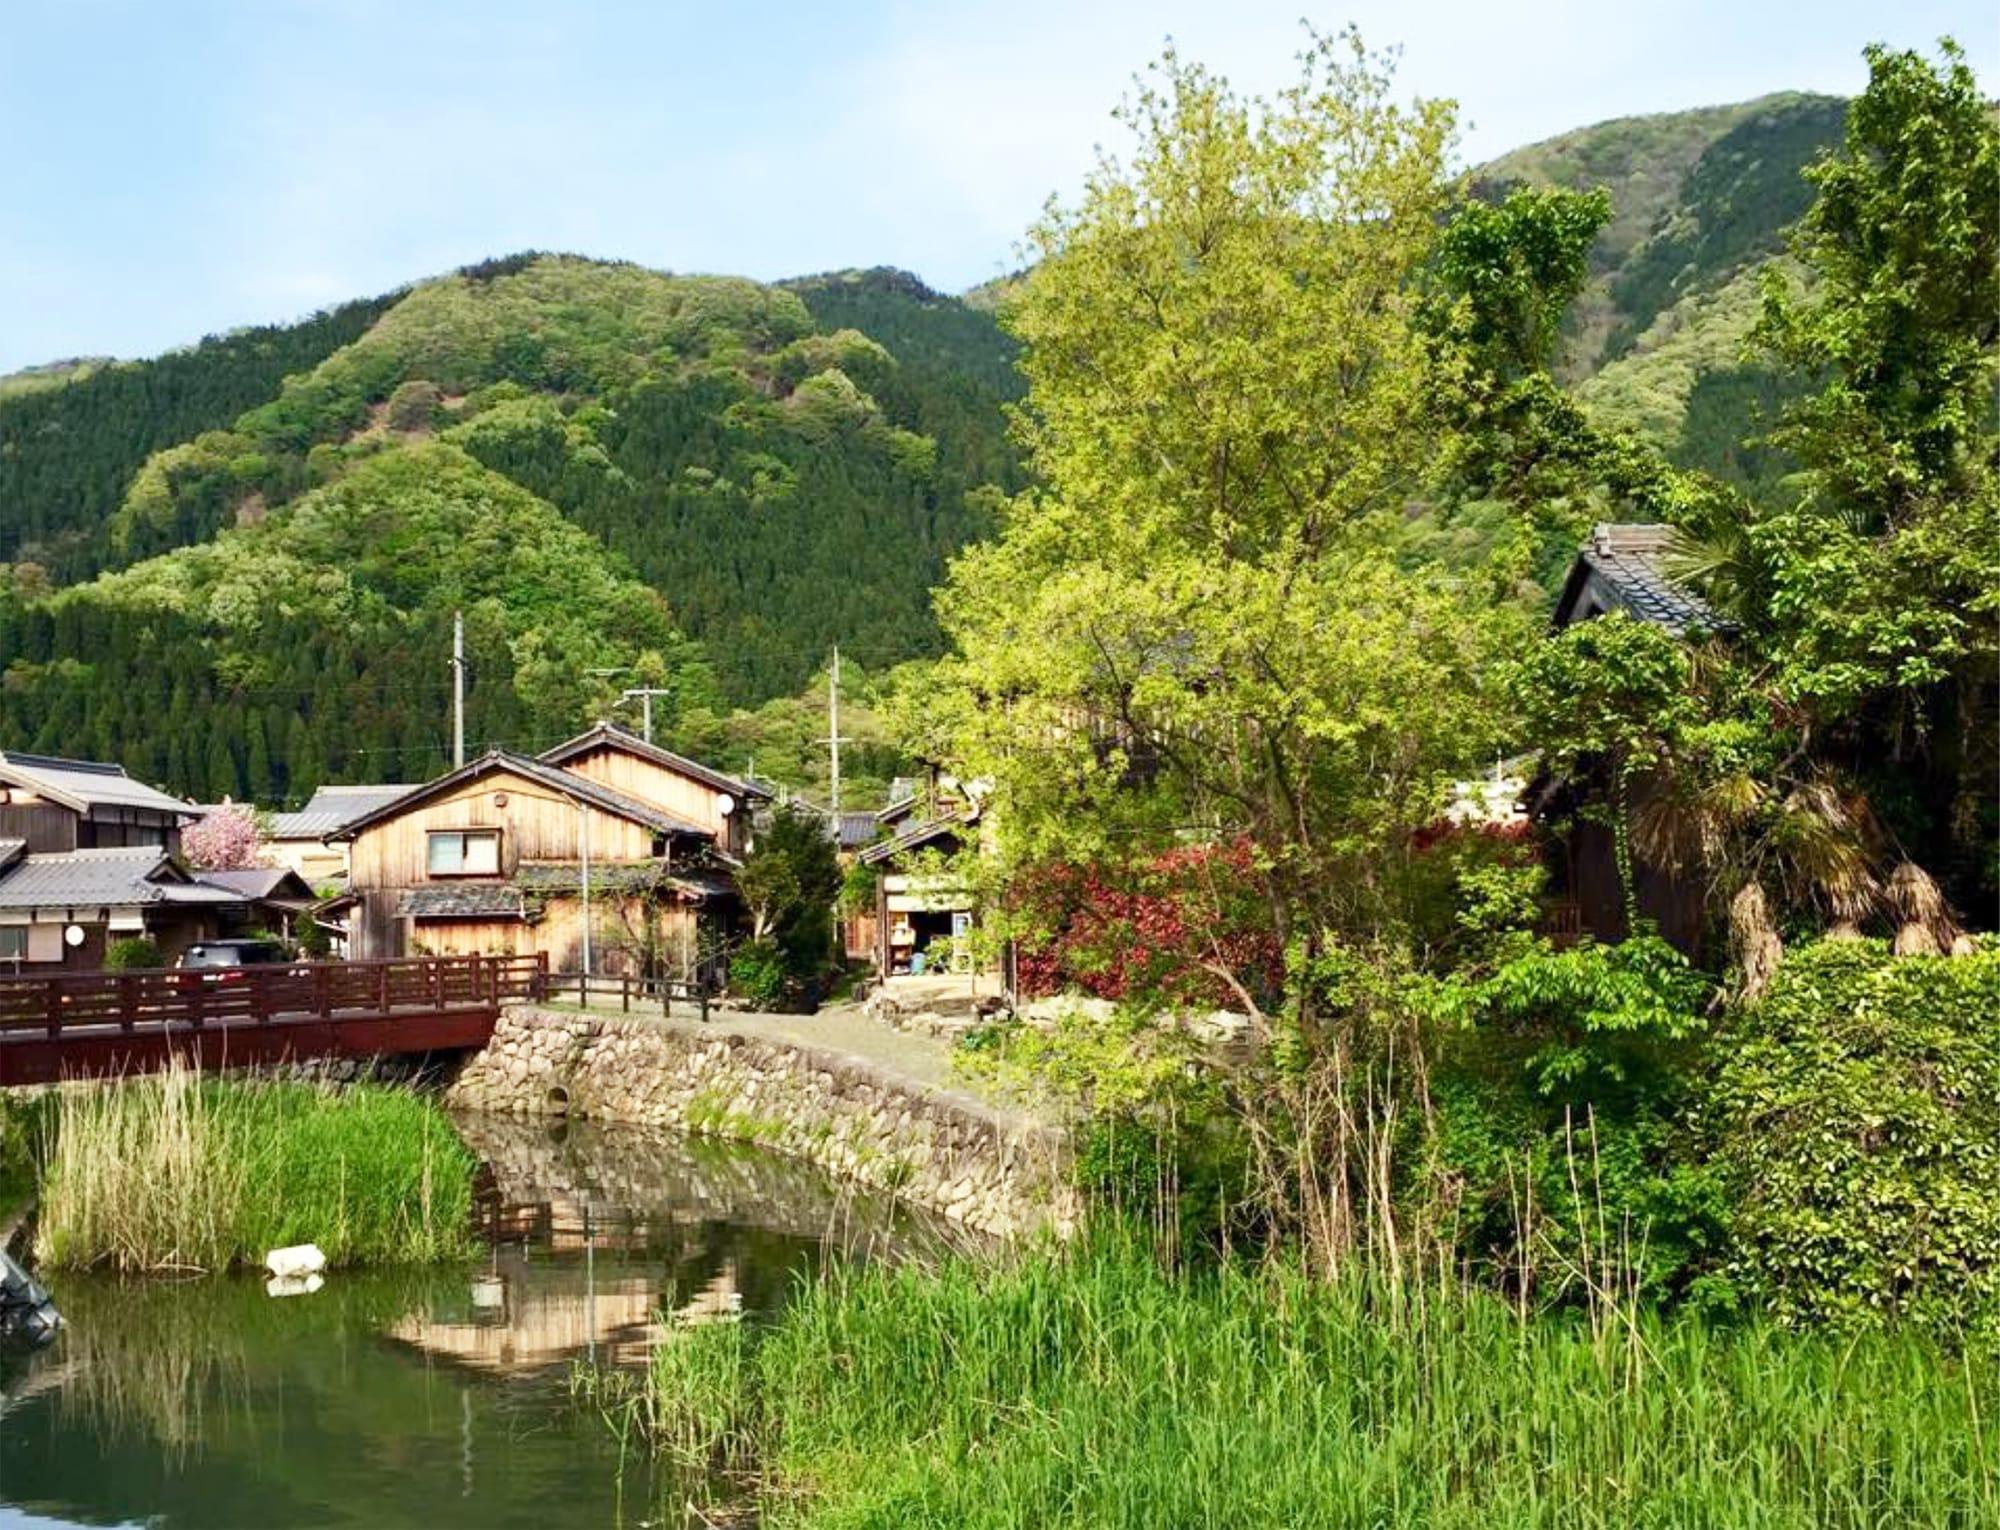 山と水のあいだに暮らす、滋賀県の里の風景。